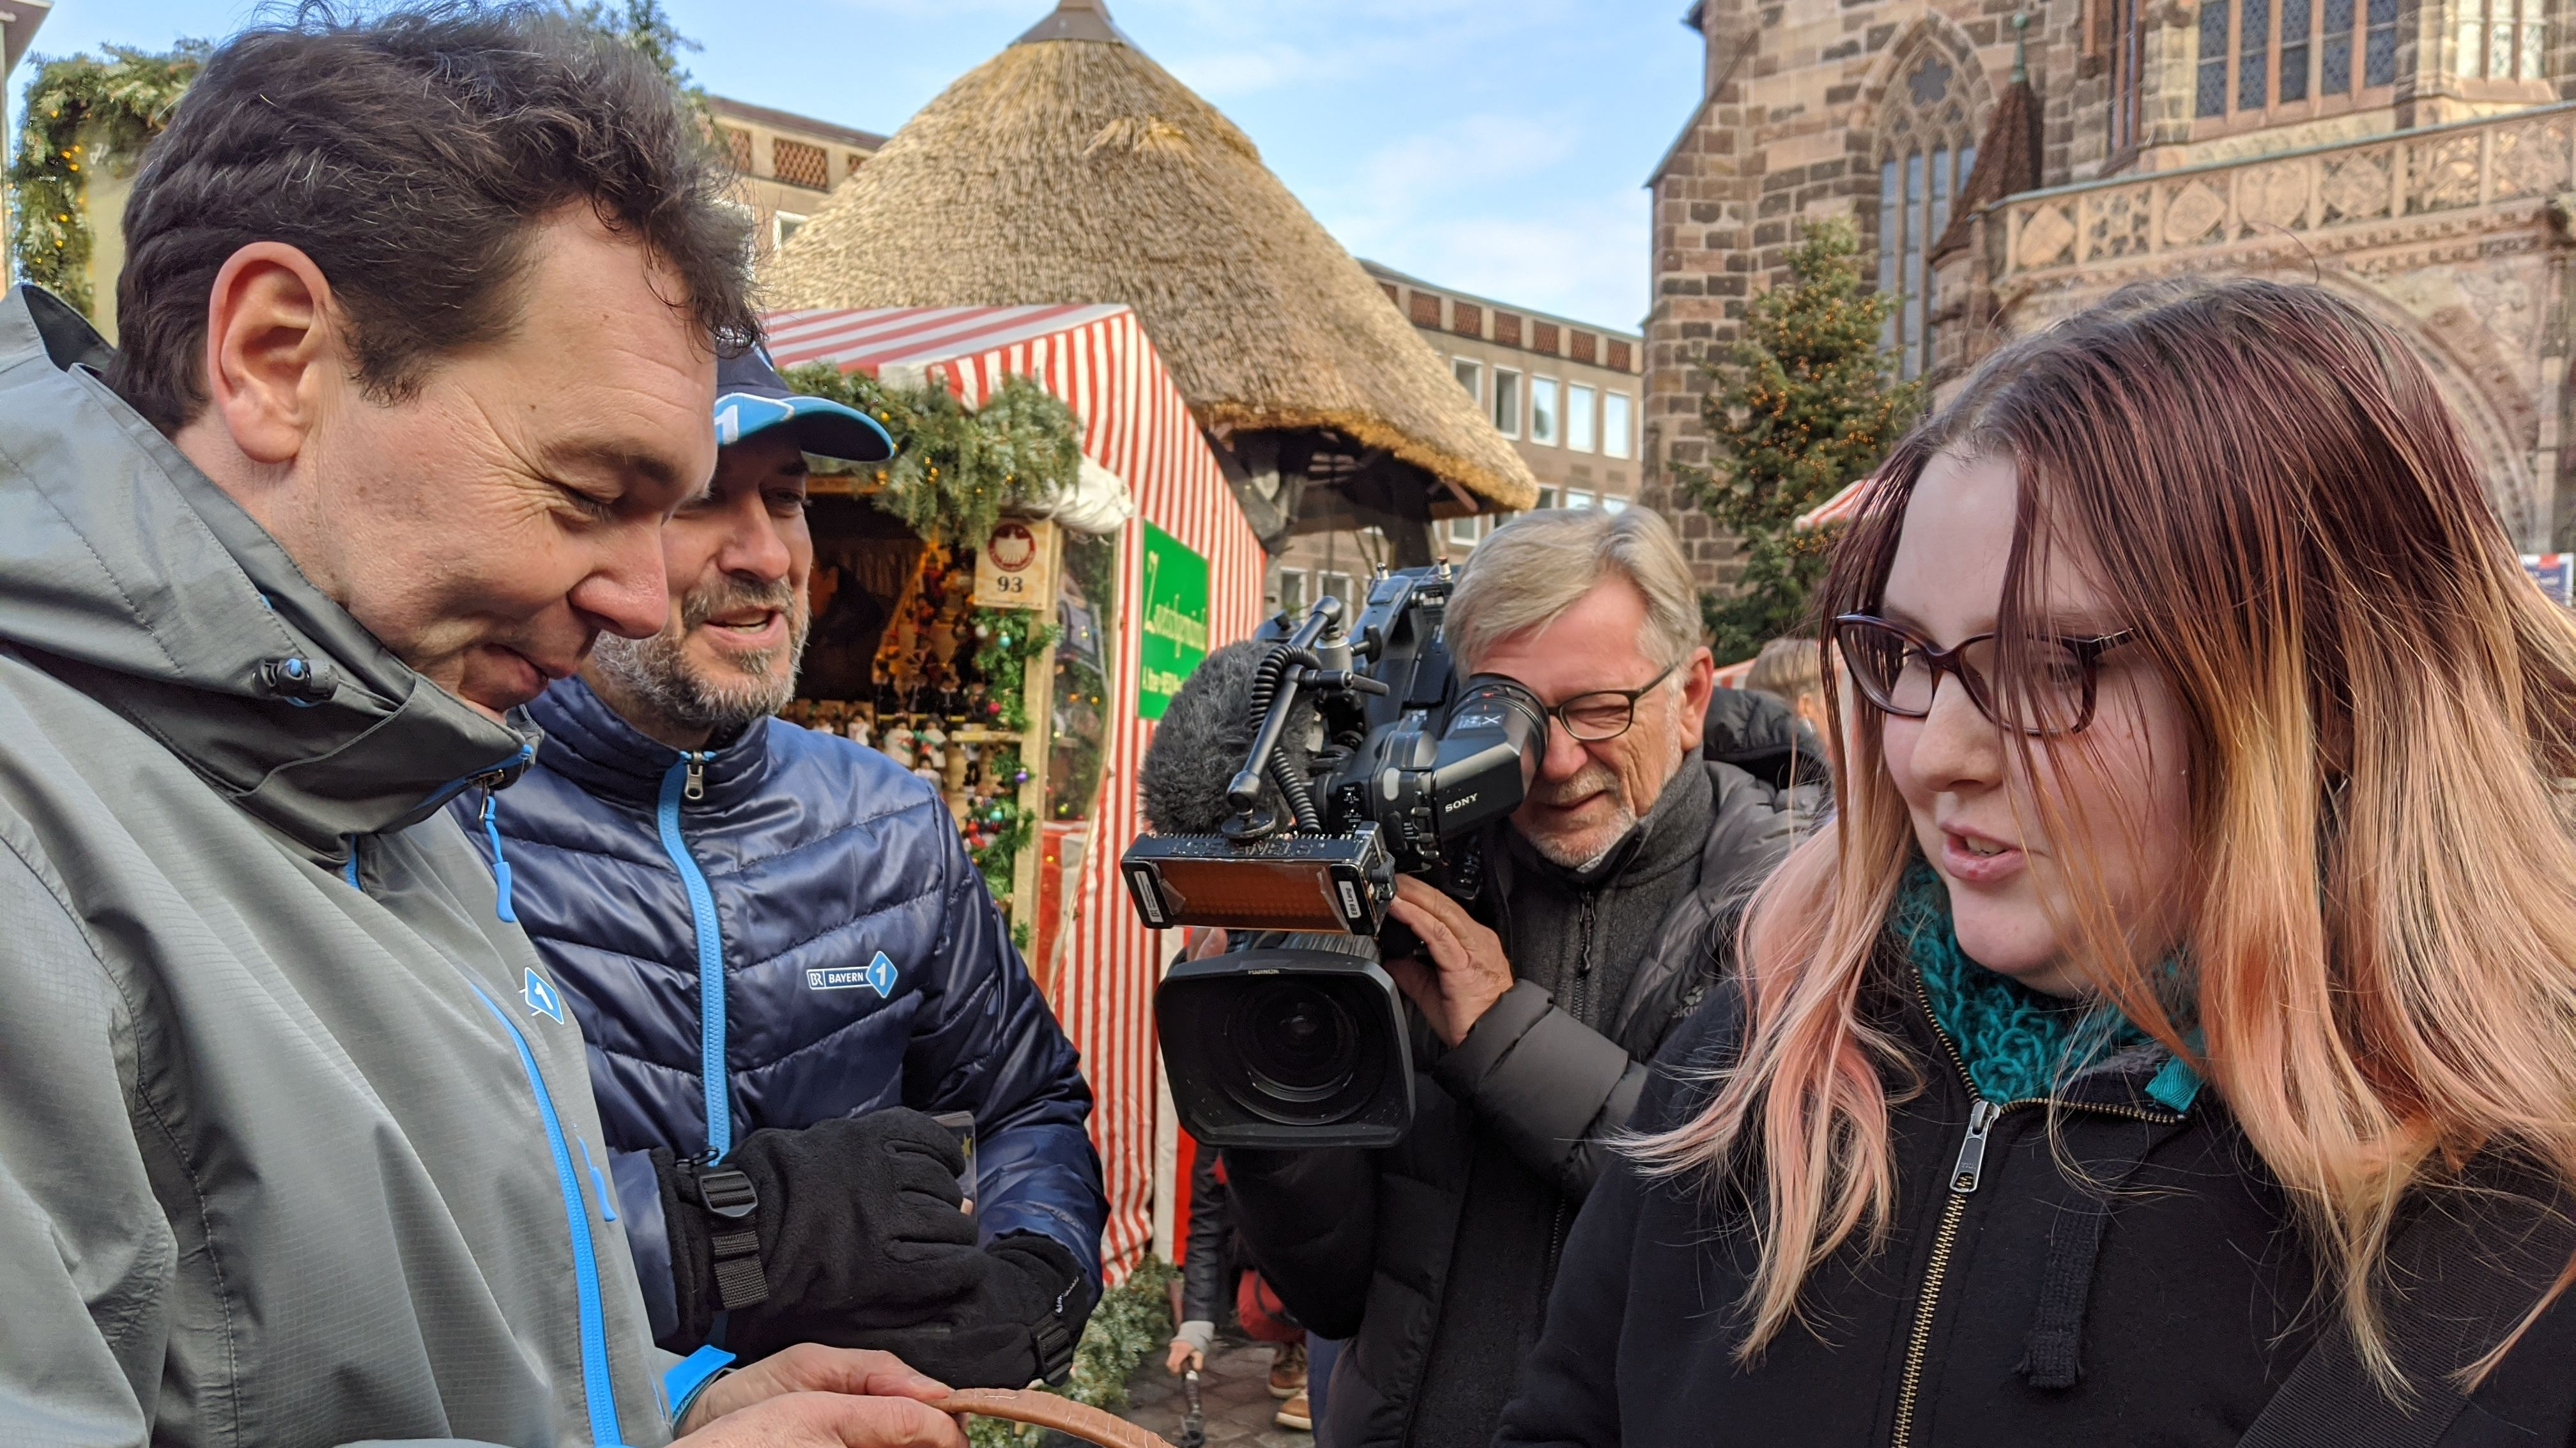 Jürgen Lassauer und Stefan Strasser im Gespräch mit einer Passantin, im Hintergrund filmt ein Kameramann